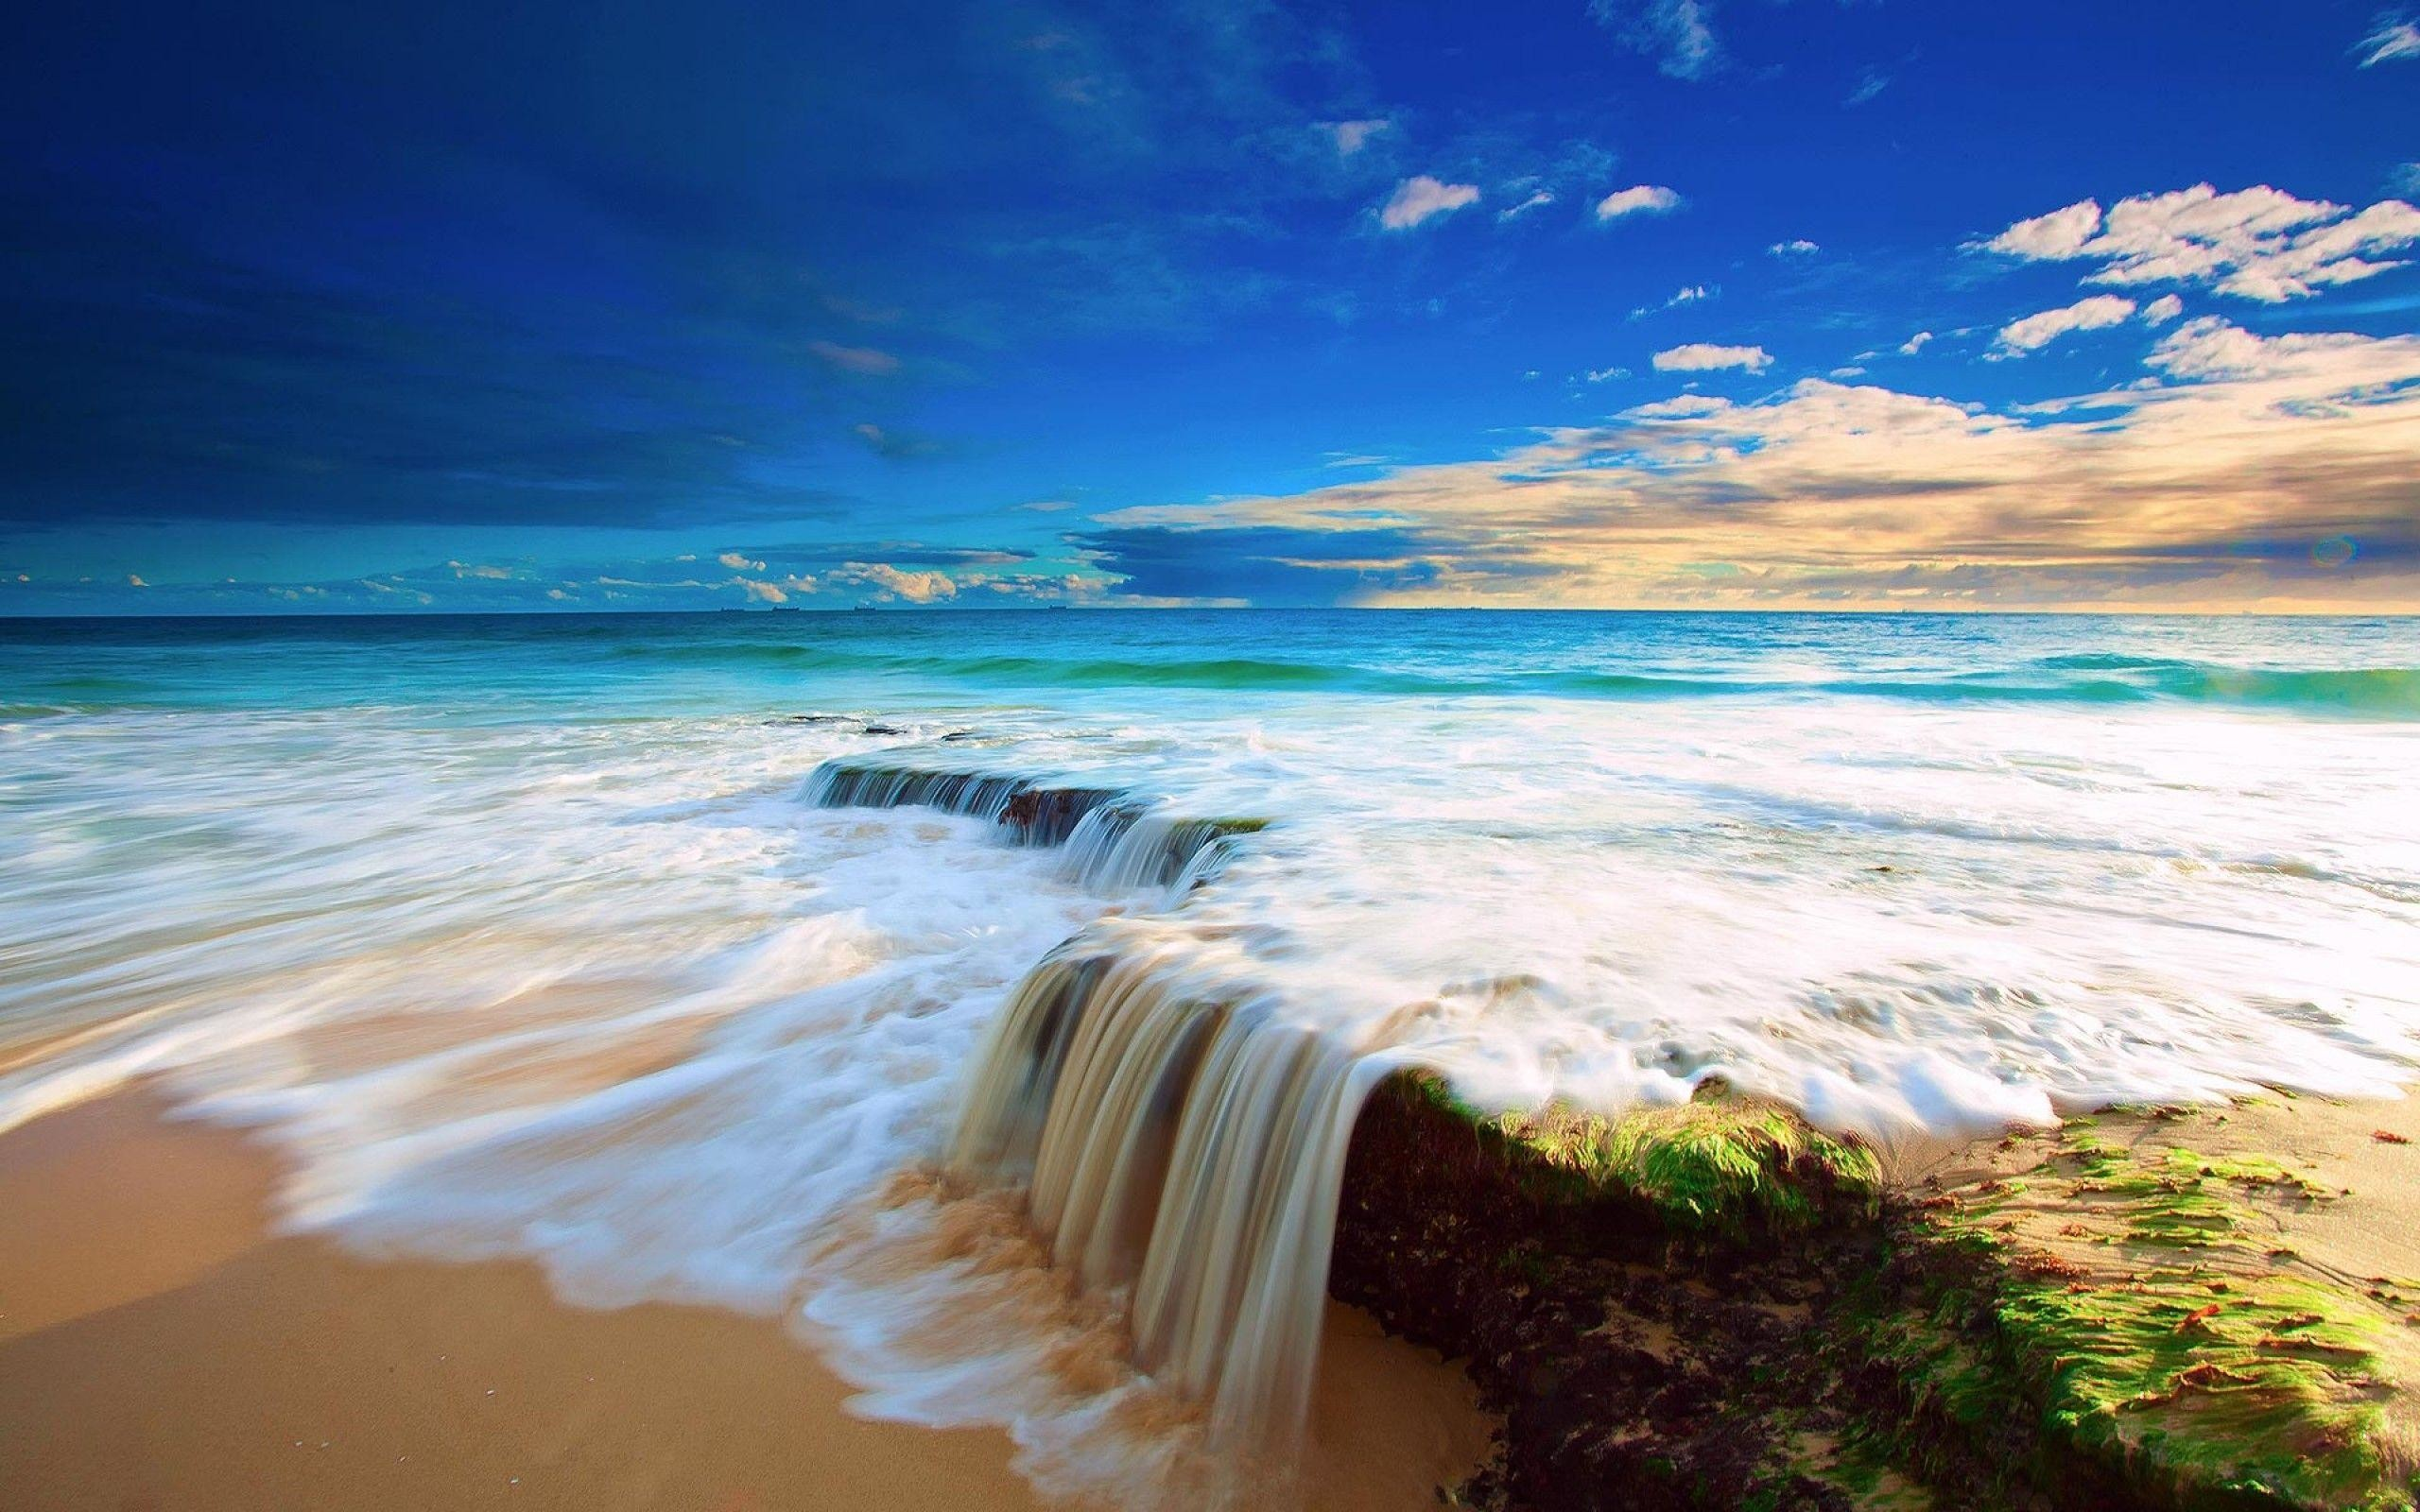 Wallpapers For > Beautiful Ocean Desktop Wallpaper